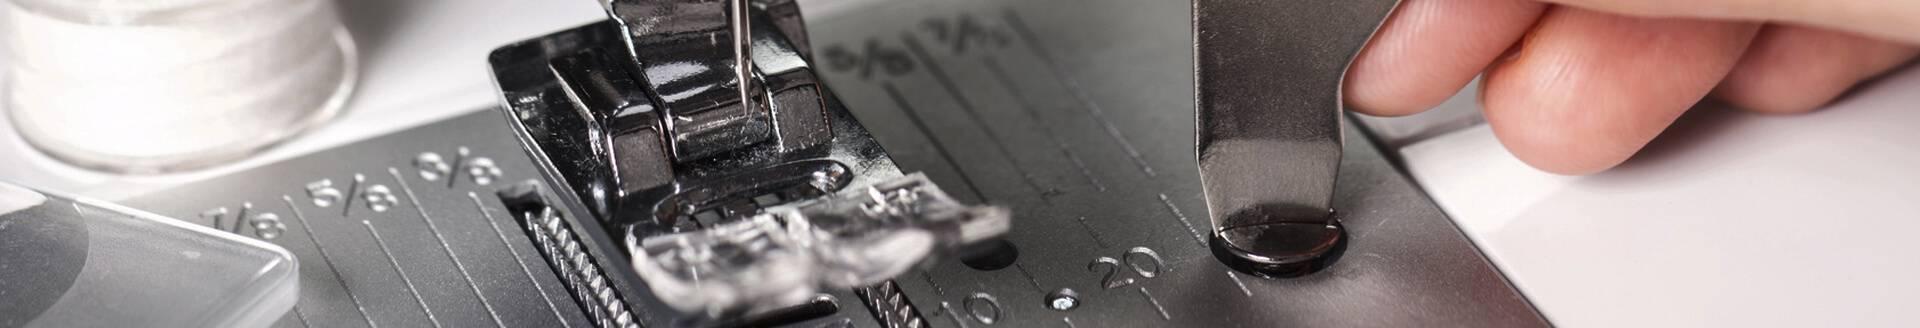 Venta de prensatelas domésticos e industriales todo tipo de máquinas